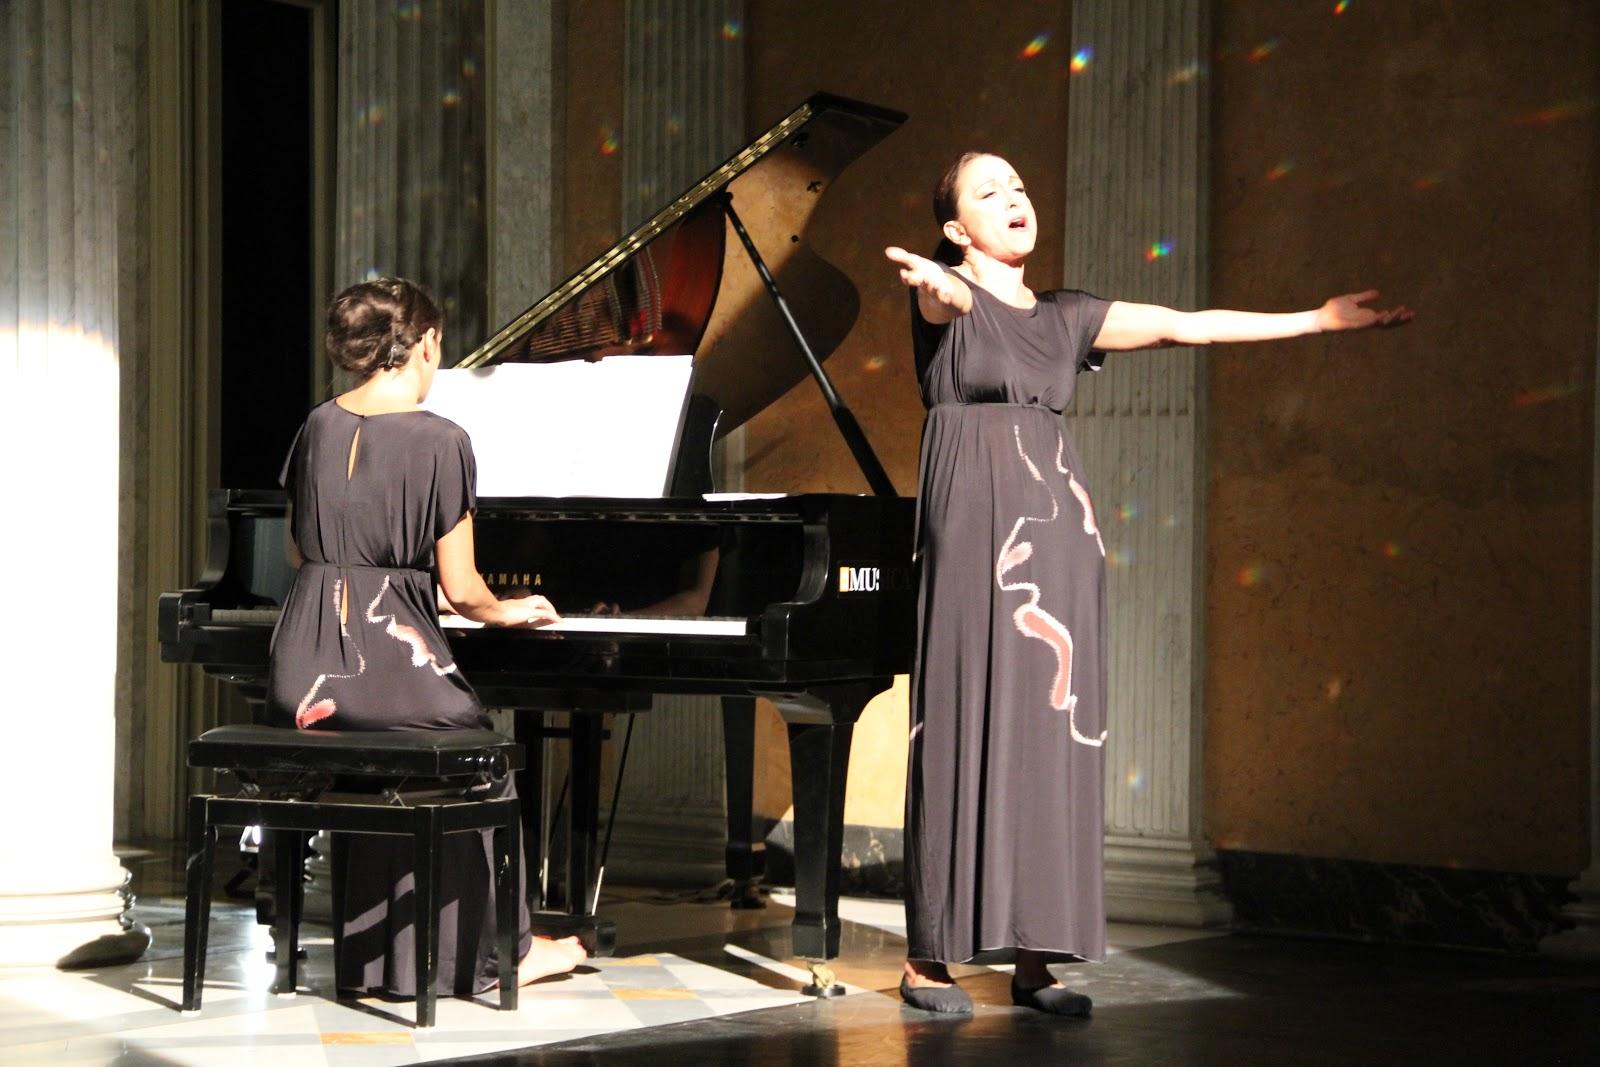 Casta diva al teatro italia roma spettacolo - Canta casta diva ...